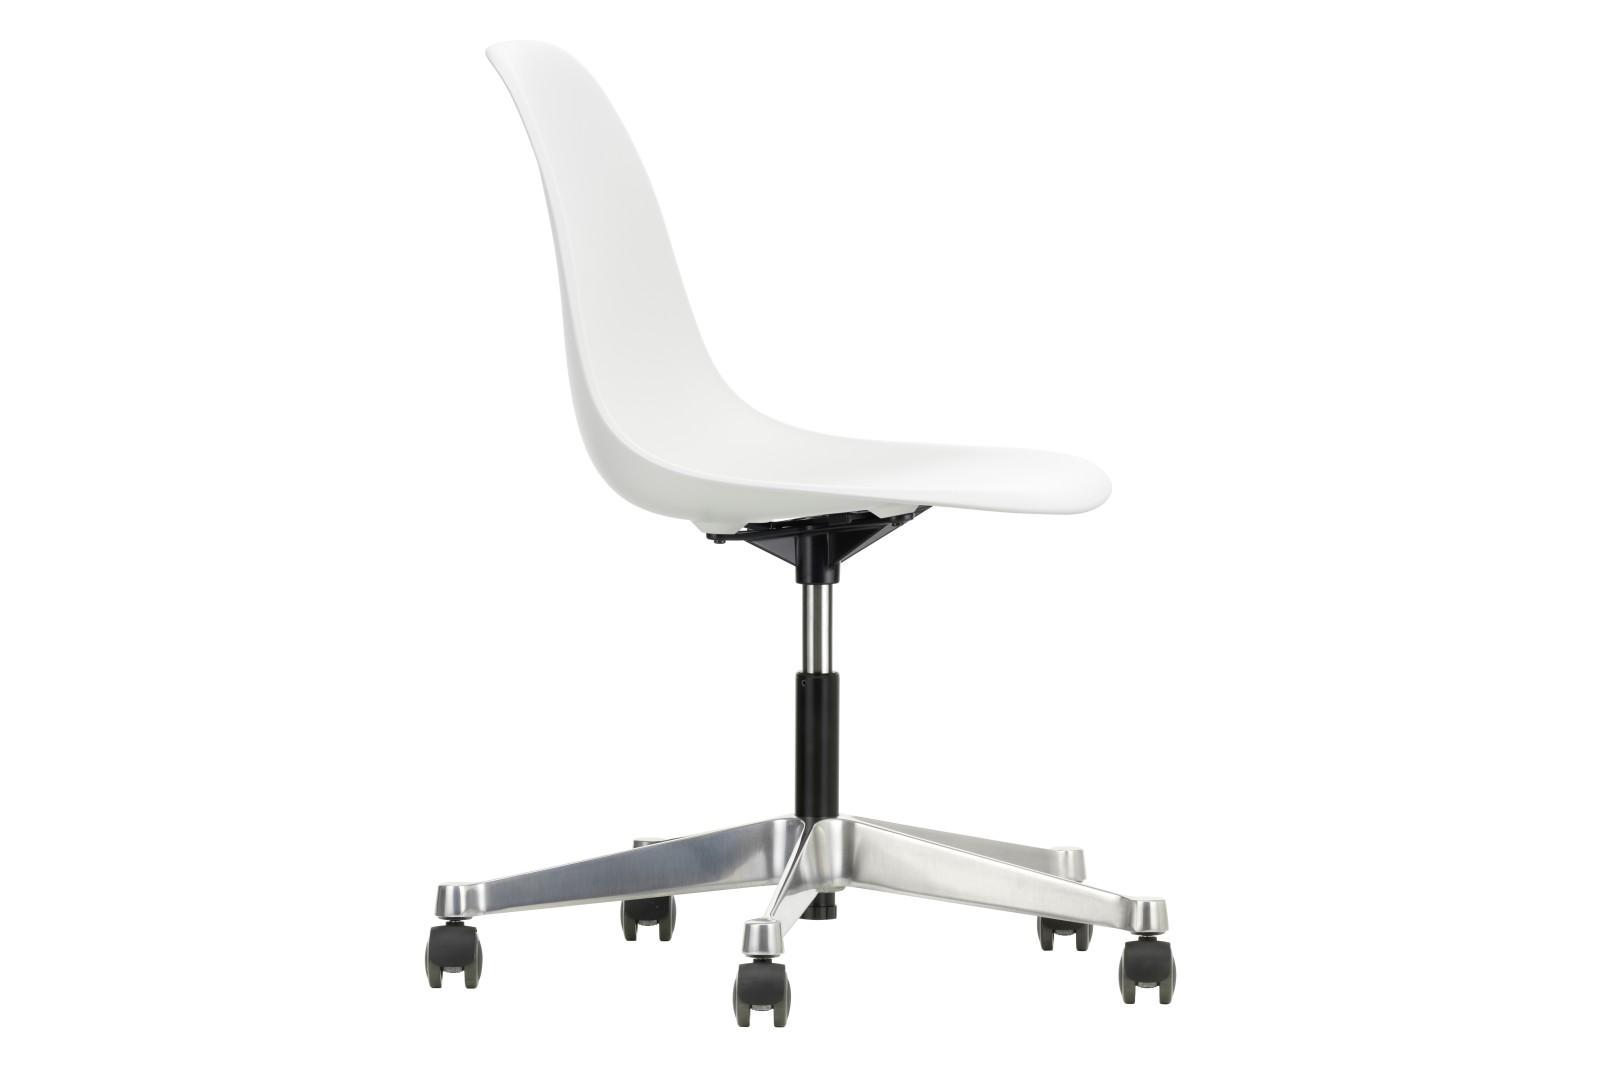 PSCC Eames Plastic Side Chair 02 castors hard - braked for carpet, 04 white